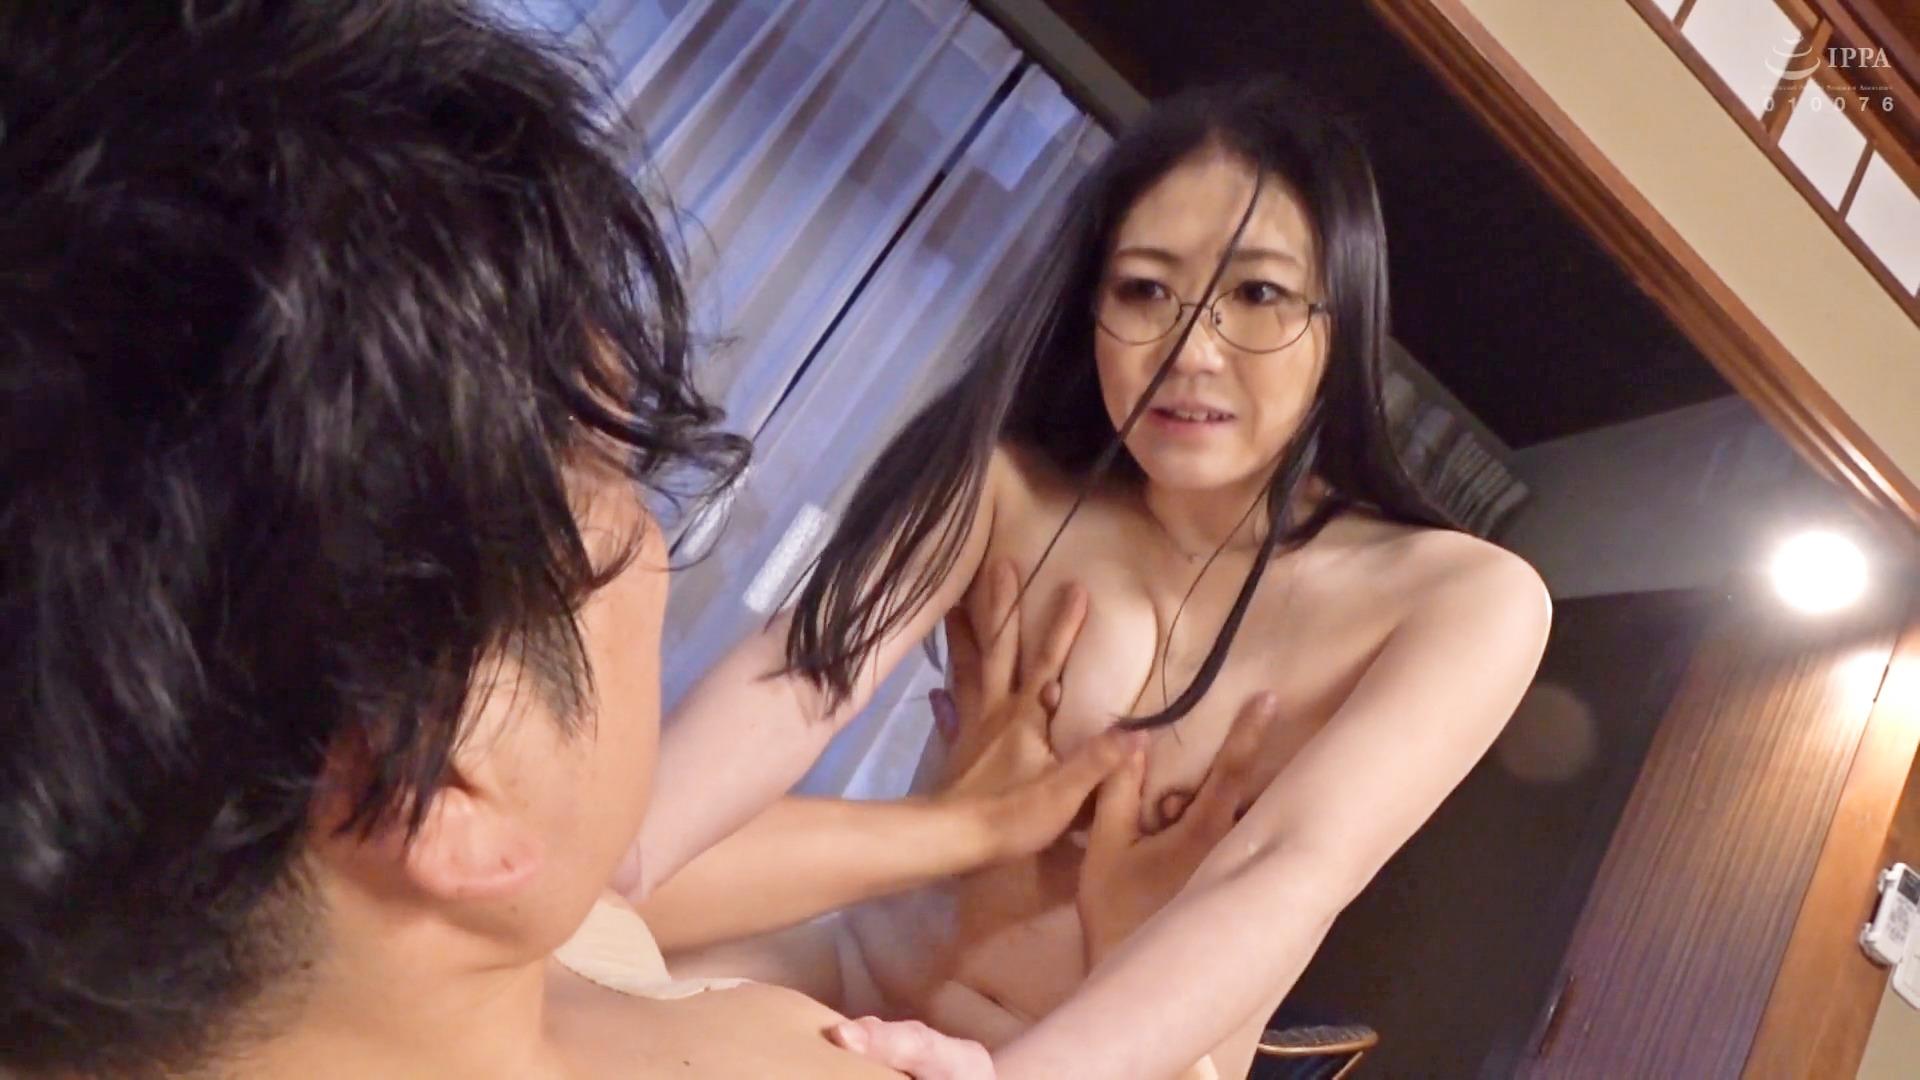 ソクミル成宮いろは 憧れの女上司と  グラビアアイドル動画ソクミル